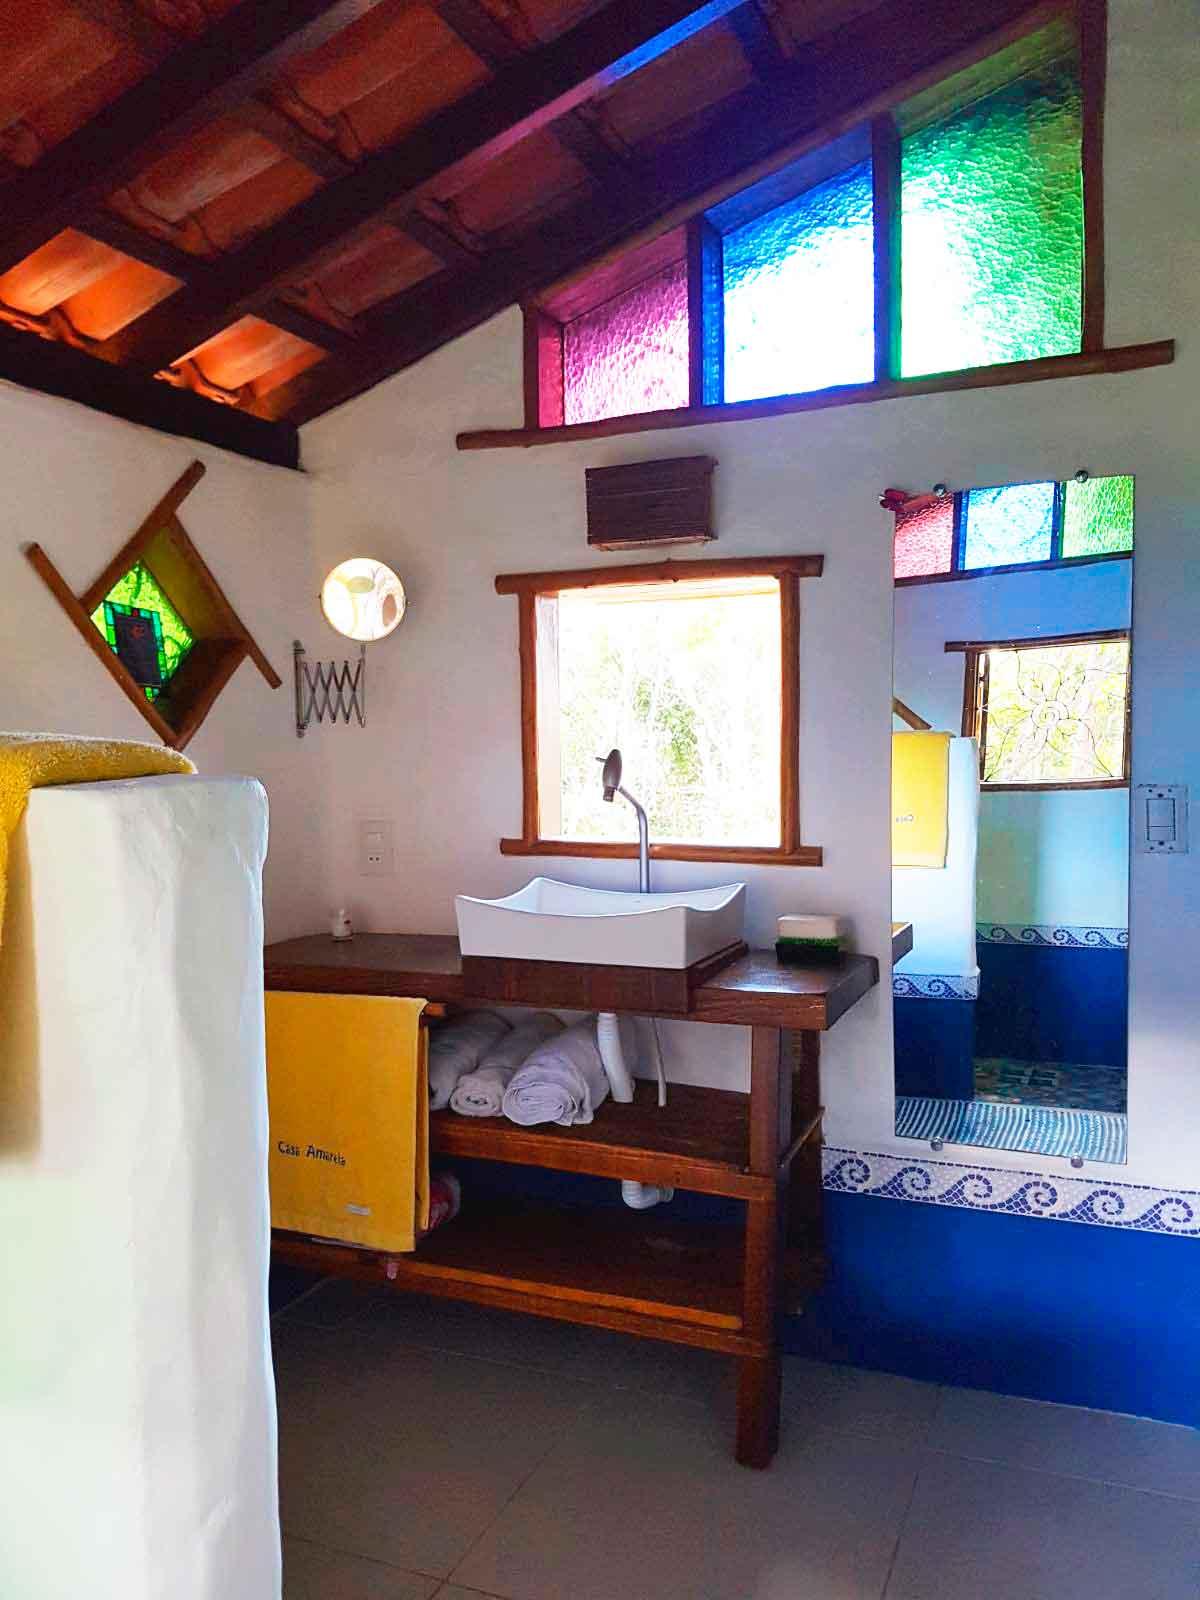 Cozinha Americana Casas Bahia Resimden Com